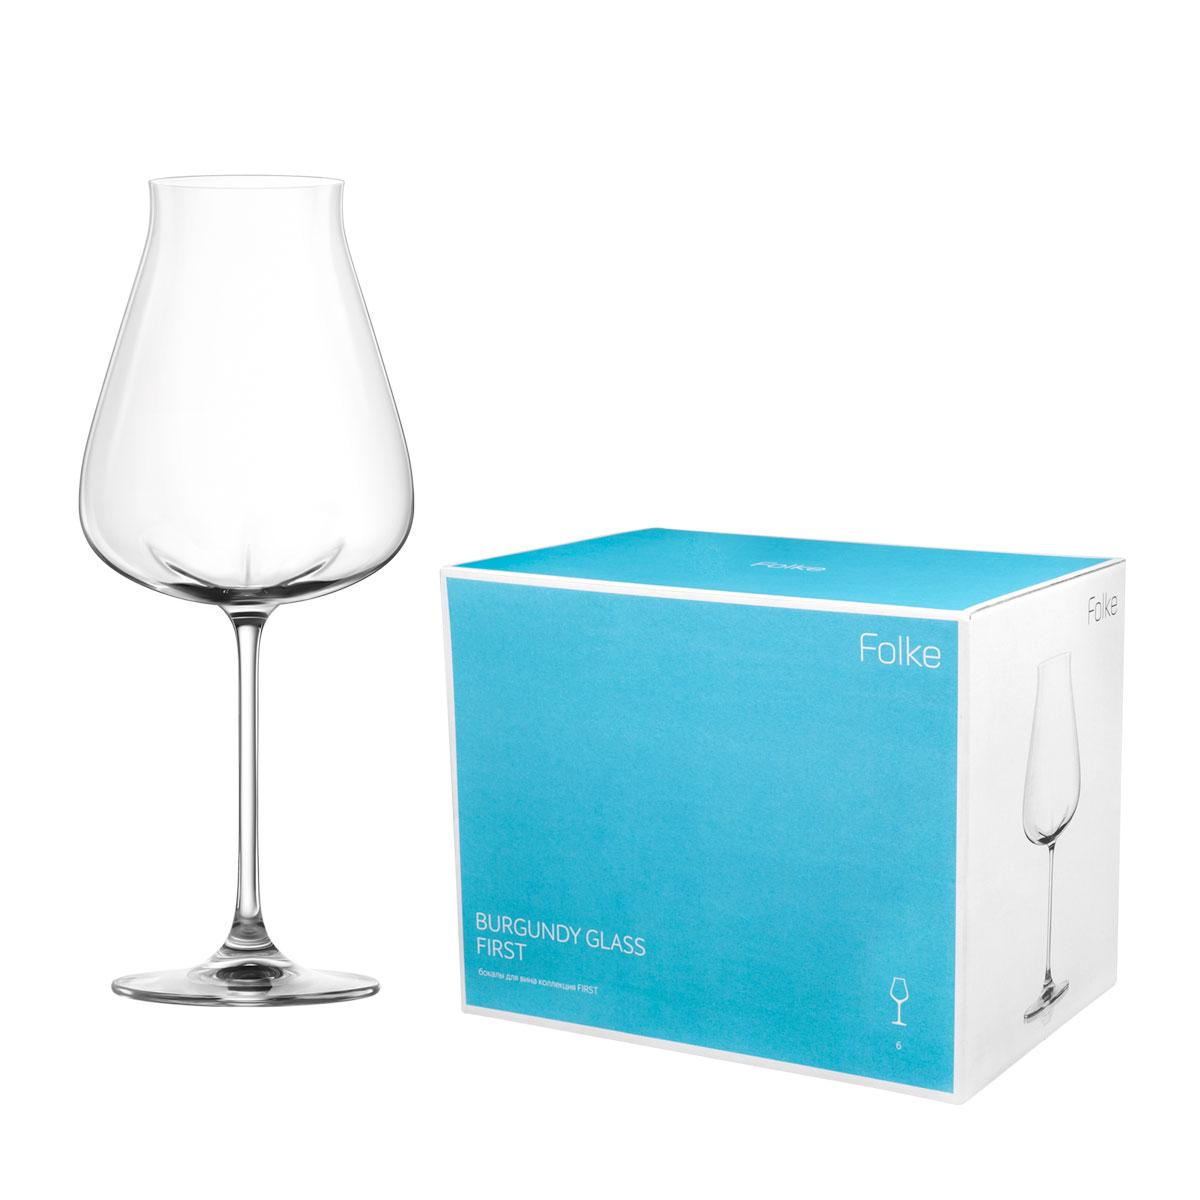 Набор бокалов для вина Folke Burgundy Glass, 700 мл, 6 шт. 2007178U2007178UНабор Folke Burgundy Glass - это бокалы для вина из бессвинцового хрусталя высшего качества. Изделия отличаются исключительной чистотой и повышенной устойчивостью к механическим повреждениям. Улучшенные характеристики изделий позволяют использовать их повседневно в домашних условиях и в ресторанном бизнесе. Оригинальный дизайн позволяет любому напитку полностью раскрыться и заиграть новыми красками. Это поистине уникальное творение современных технологий и многолетнего опыта лучших мировых сомелье.